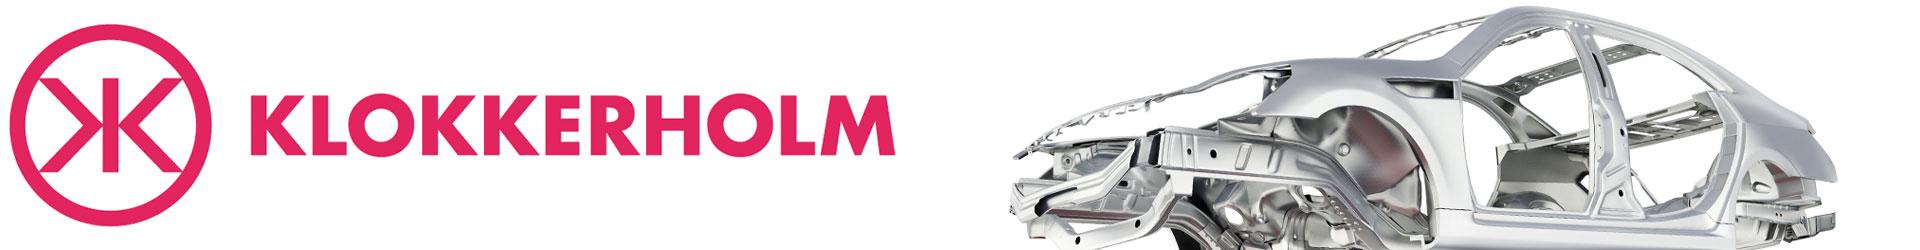 Klokkerholm karosseri logo samt bilde av bil chassi